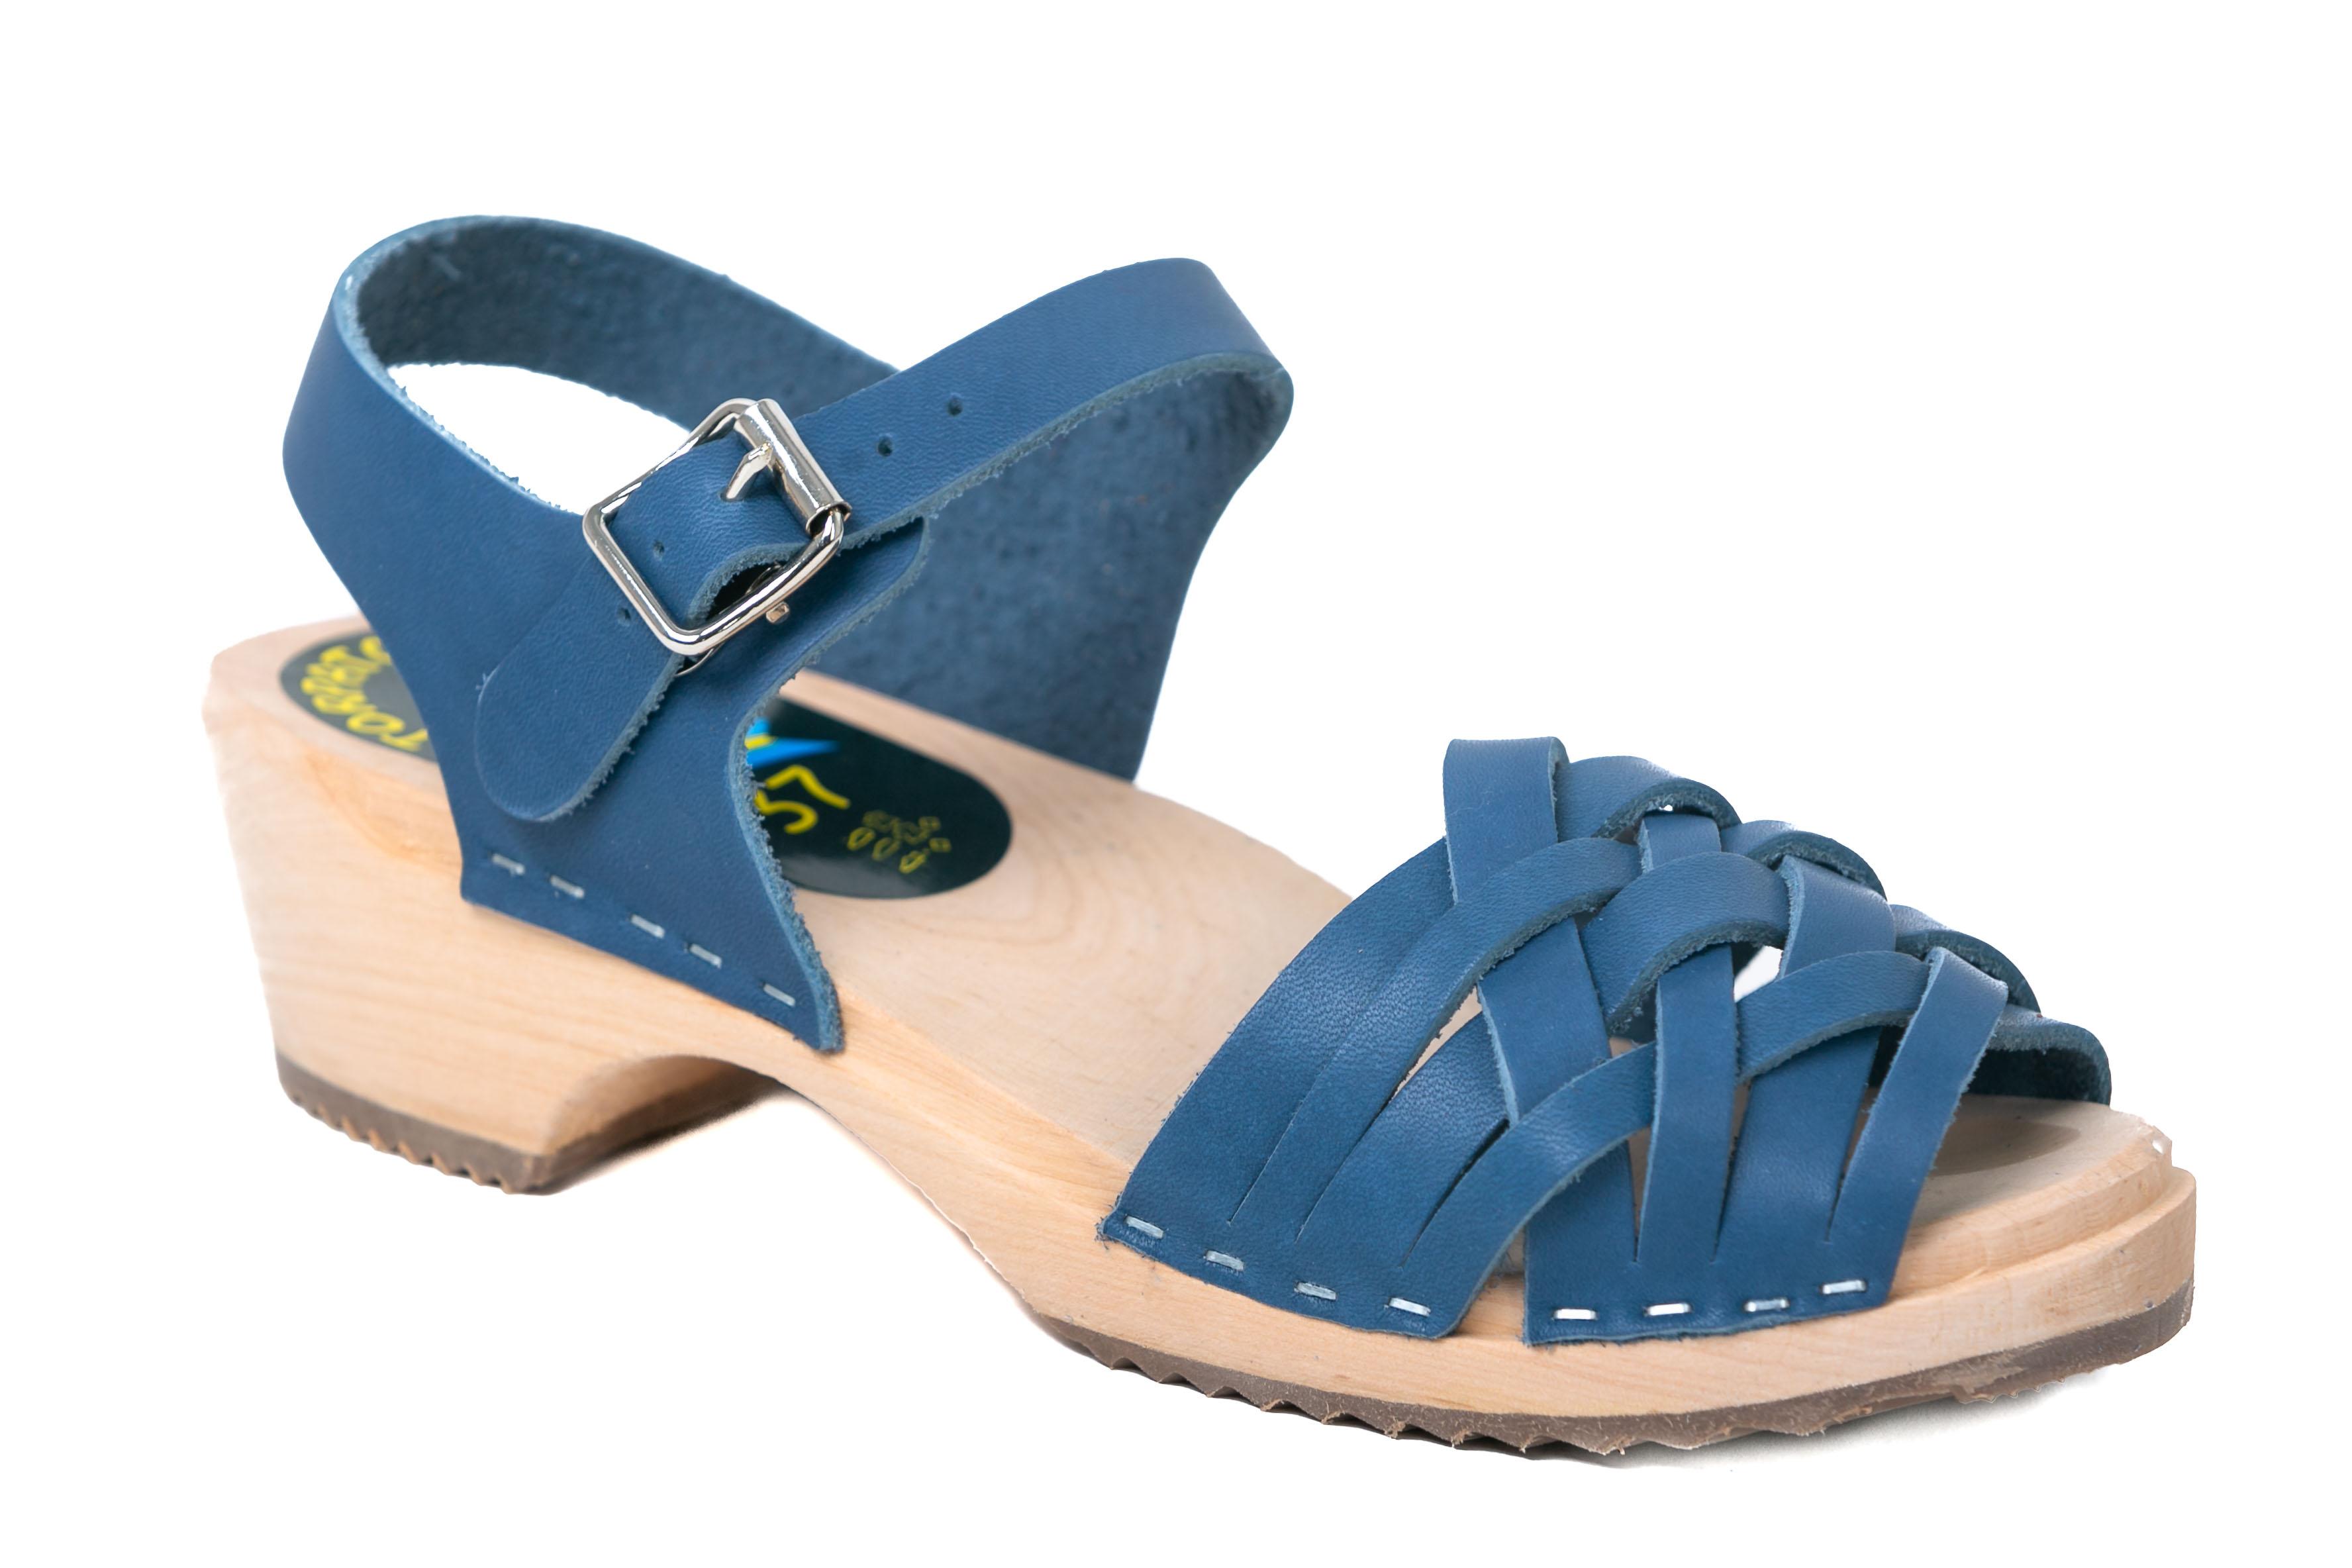 סנדלי עץ נשים רצועות עקב נמוך כחול ג'ינס מט